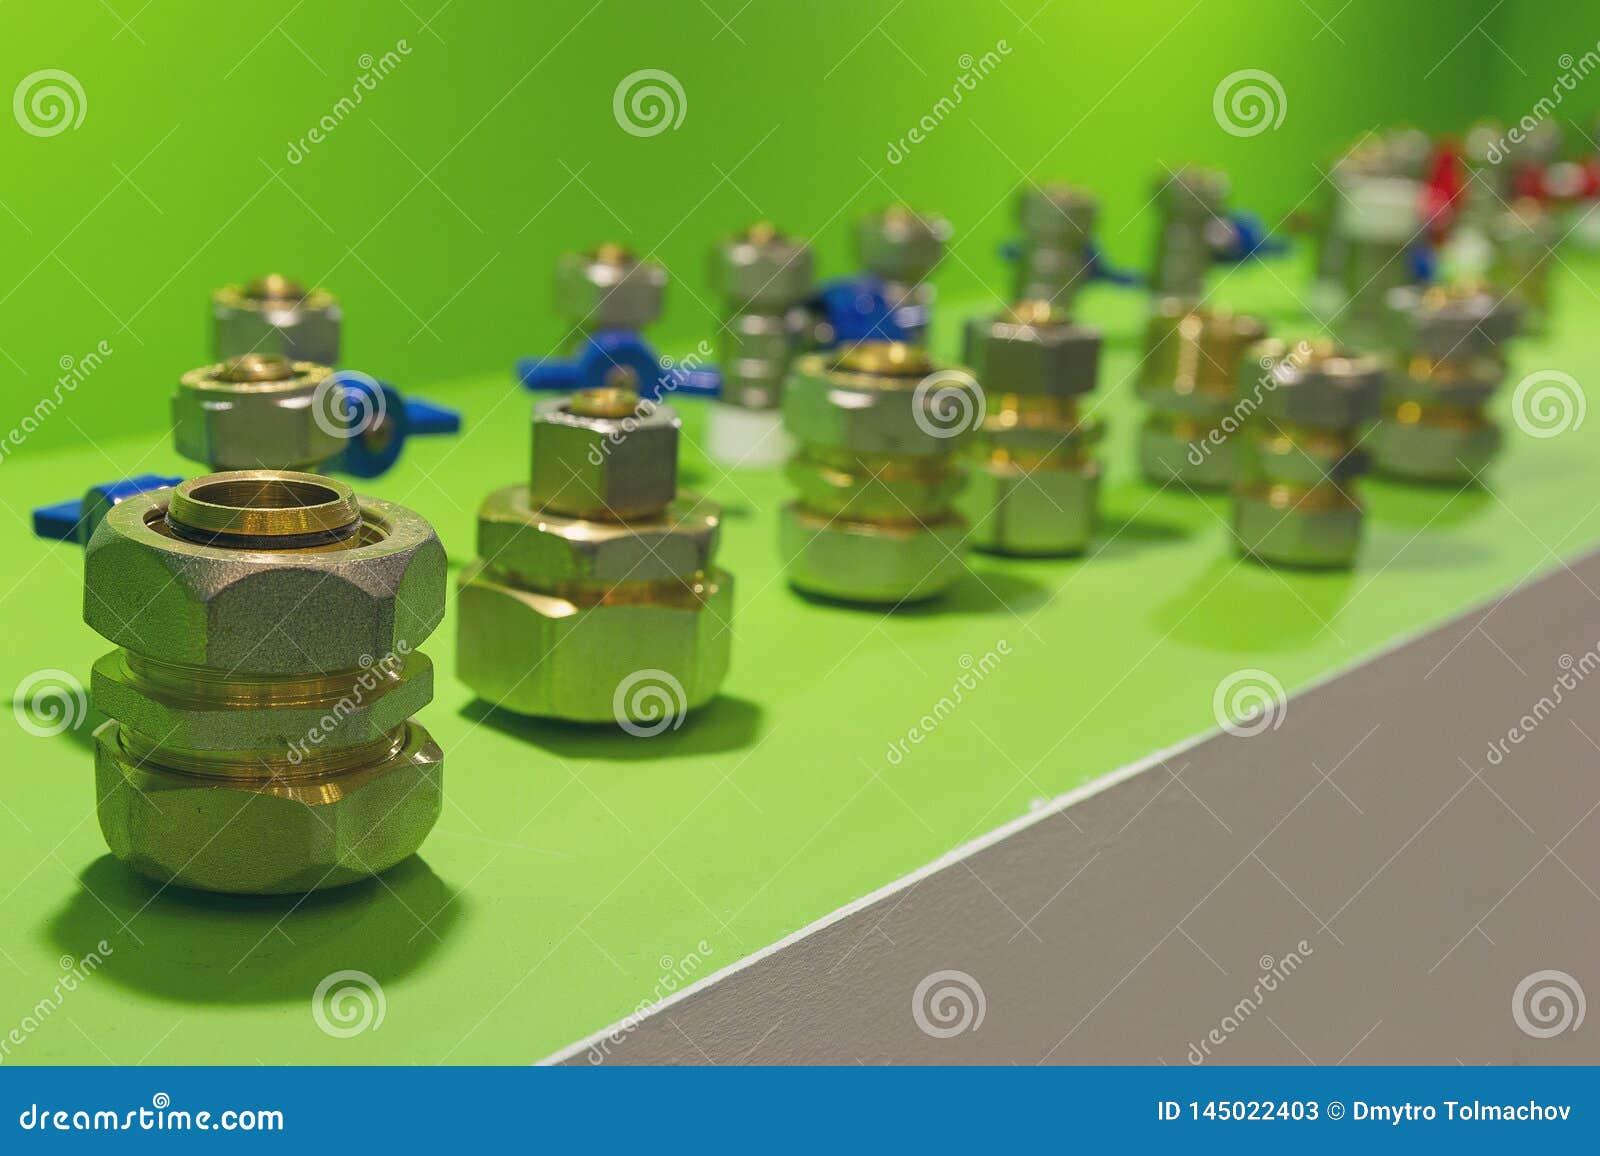 Штуцеры для труб металл-пластмассы